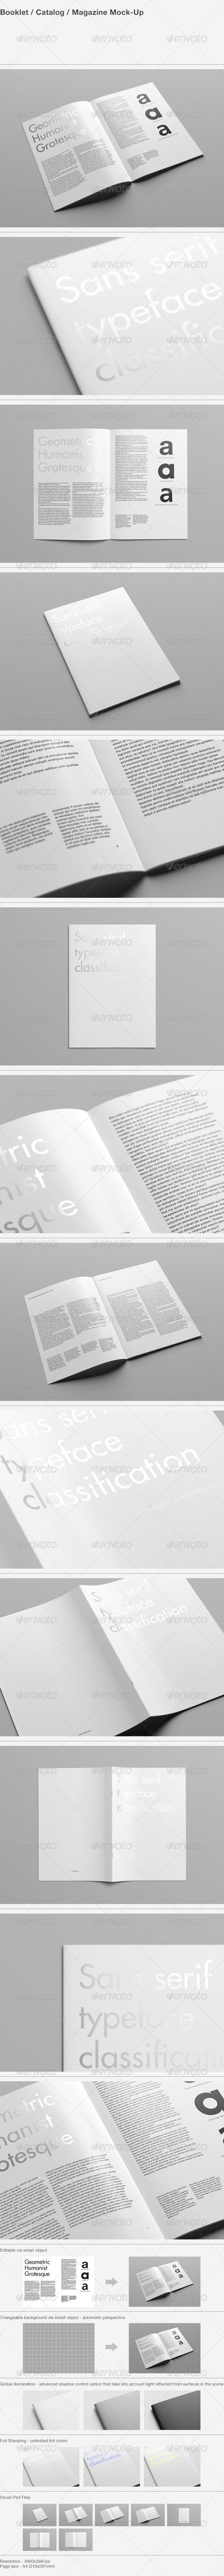 Booklet / Catalog / Magazine Mock-Up - Magazines Print